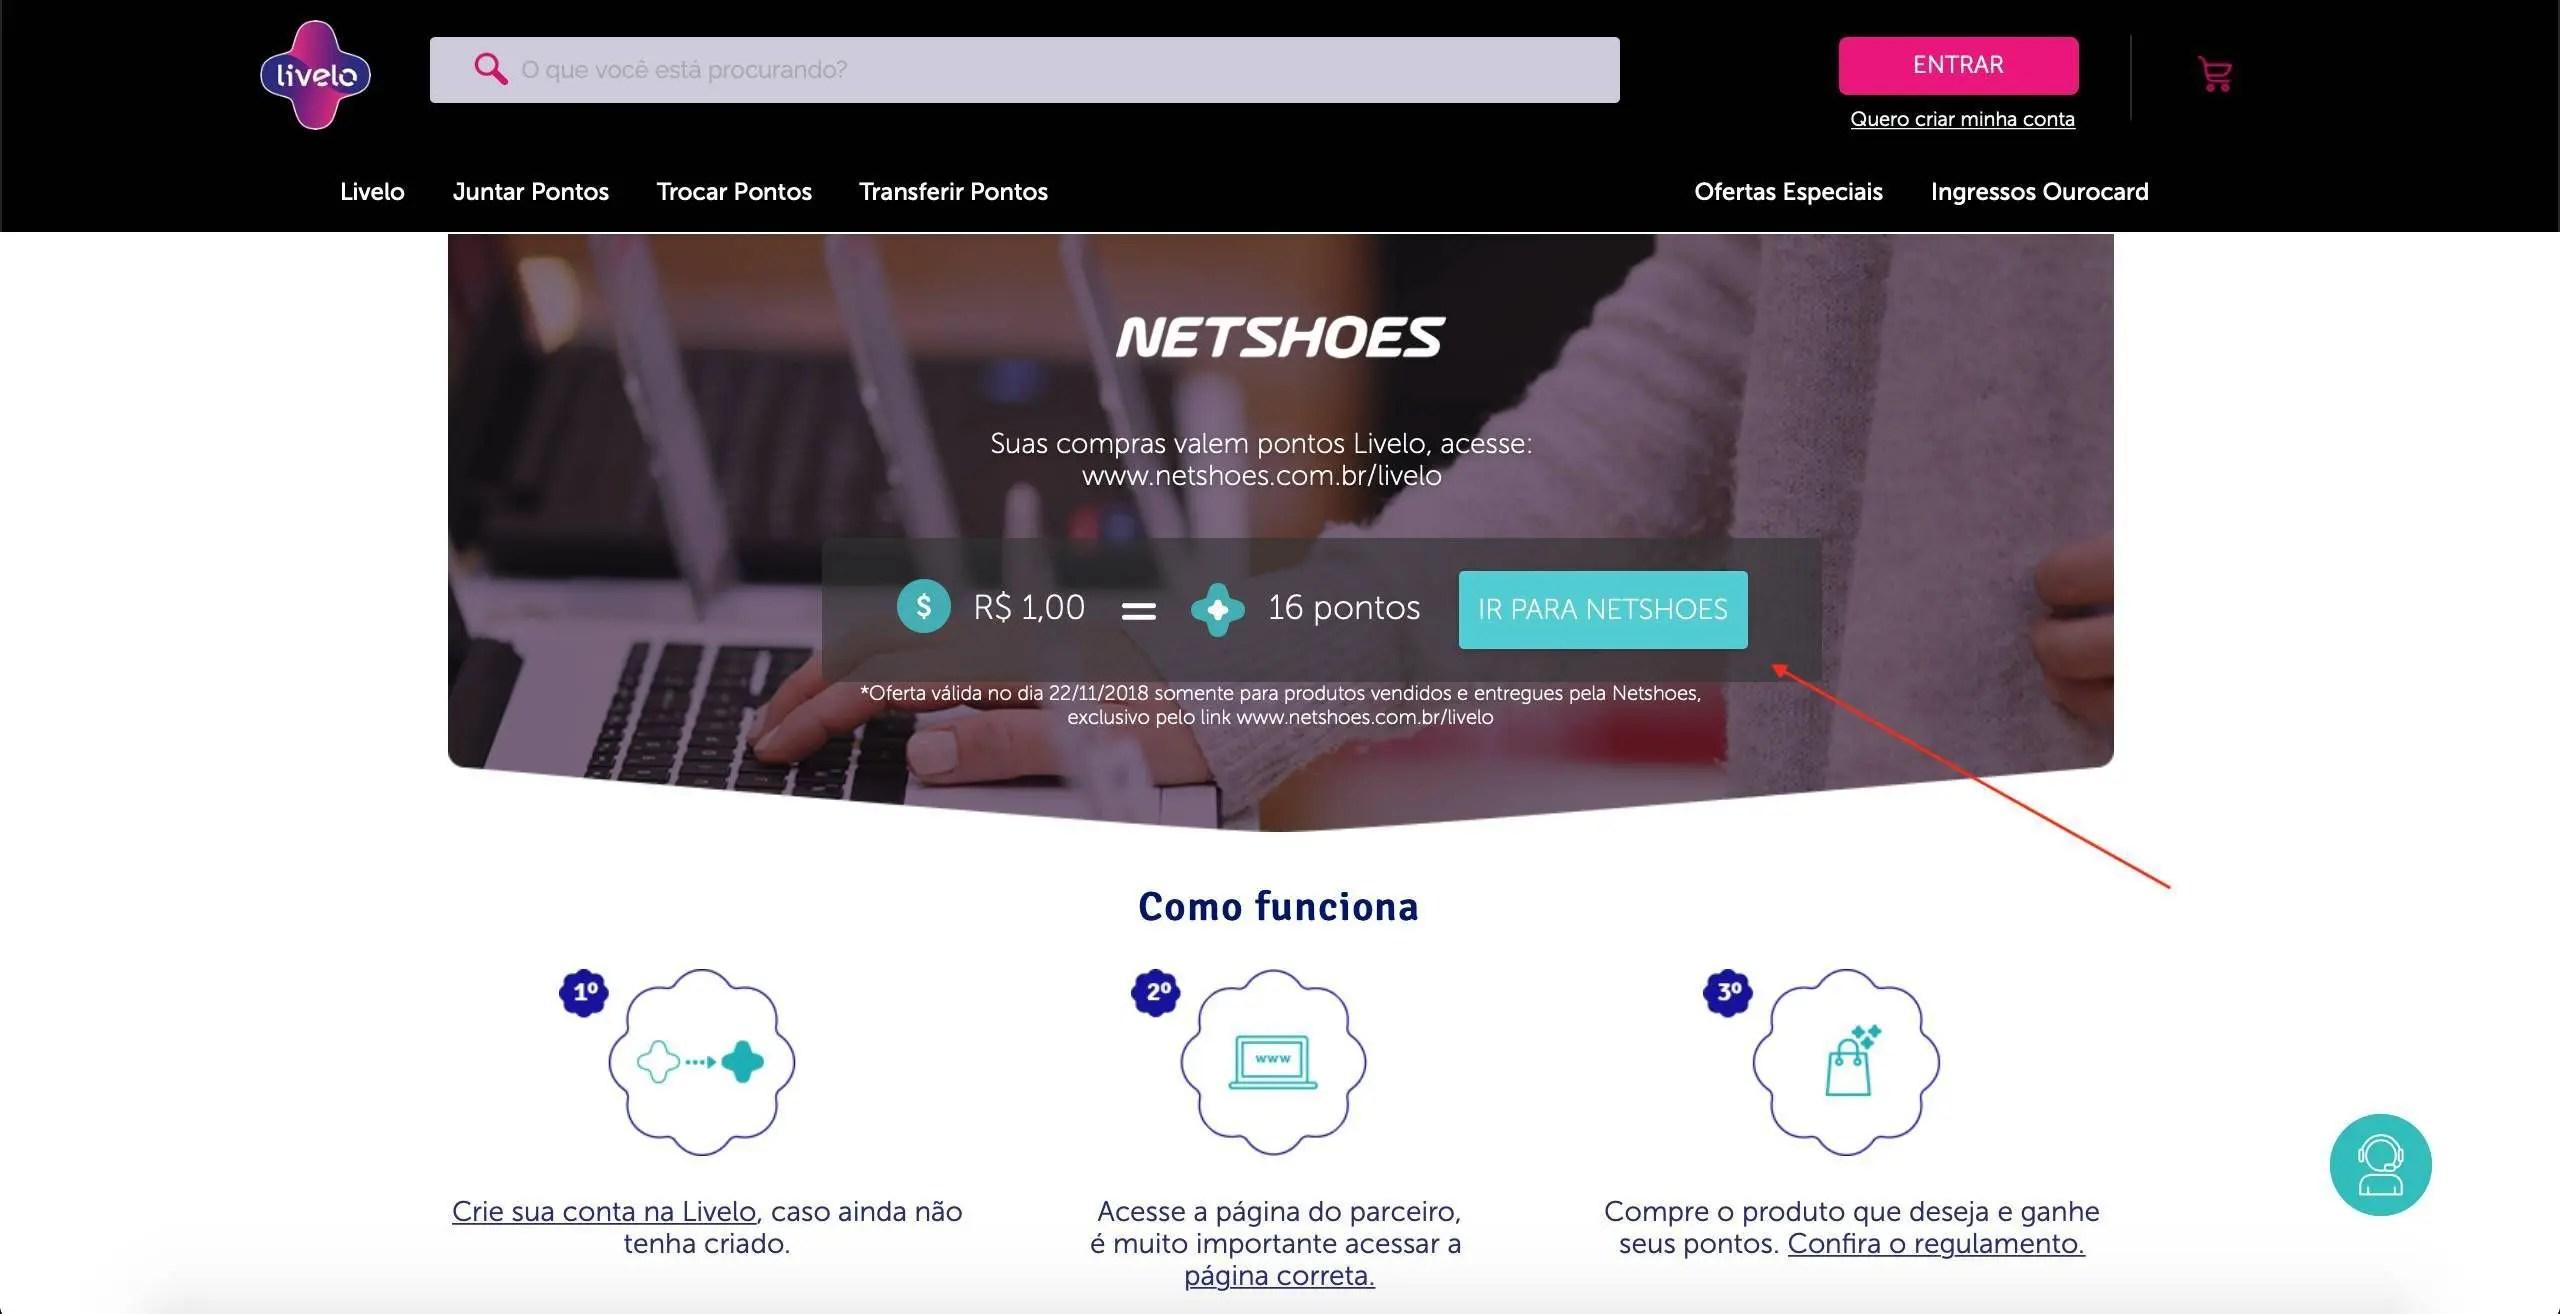 Livelo oferece 16 pontos por Real gasto na Netshoes! - Passageiro de ... c015c5ea46d7b